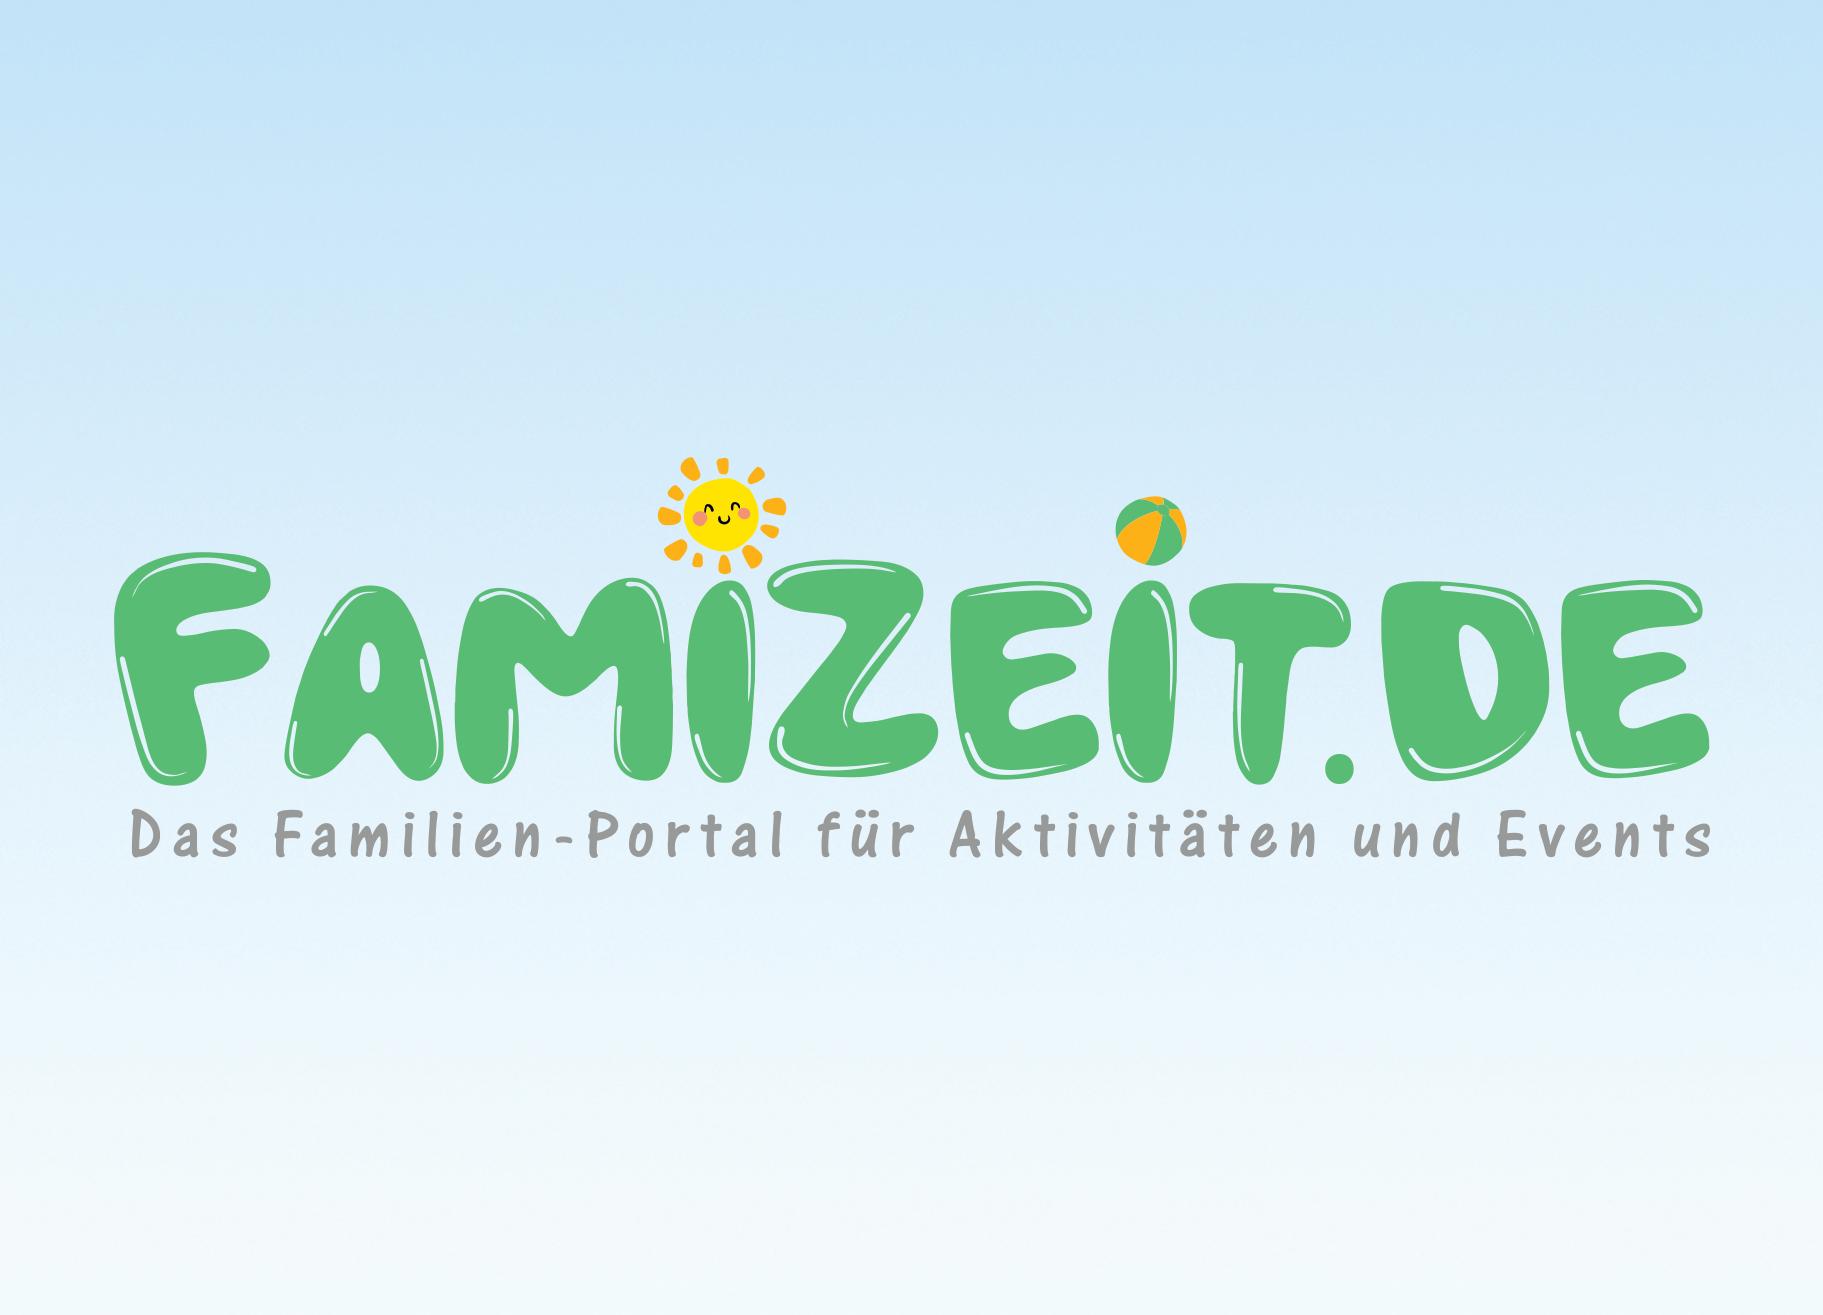 FamiZeit